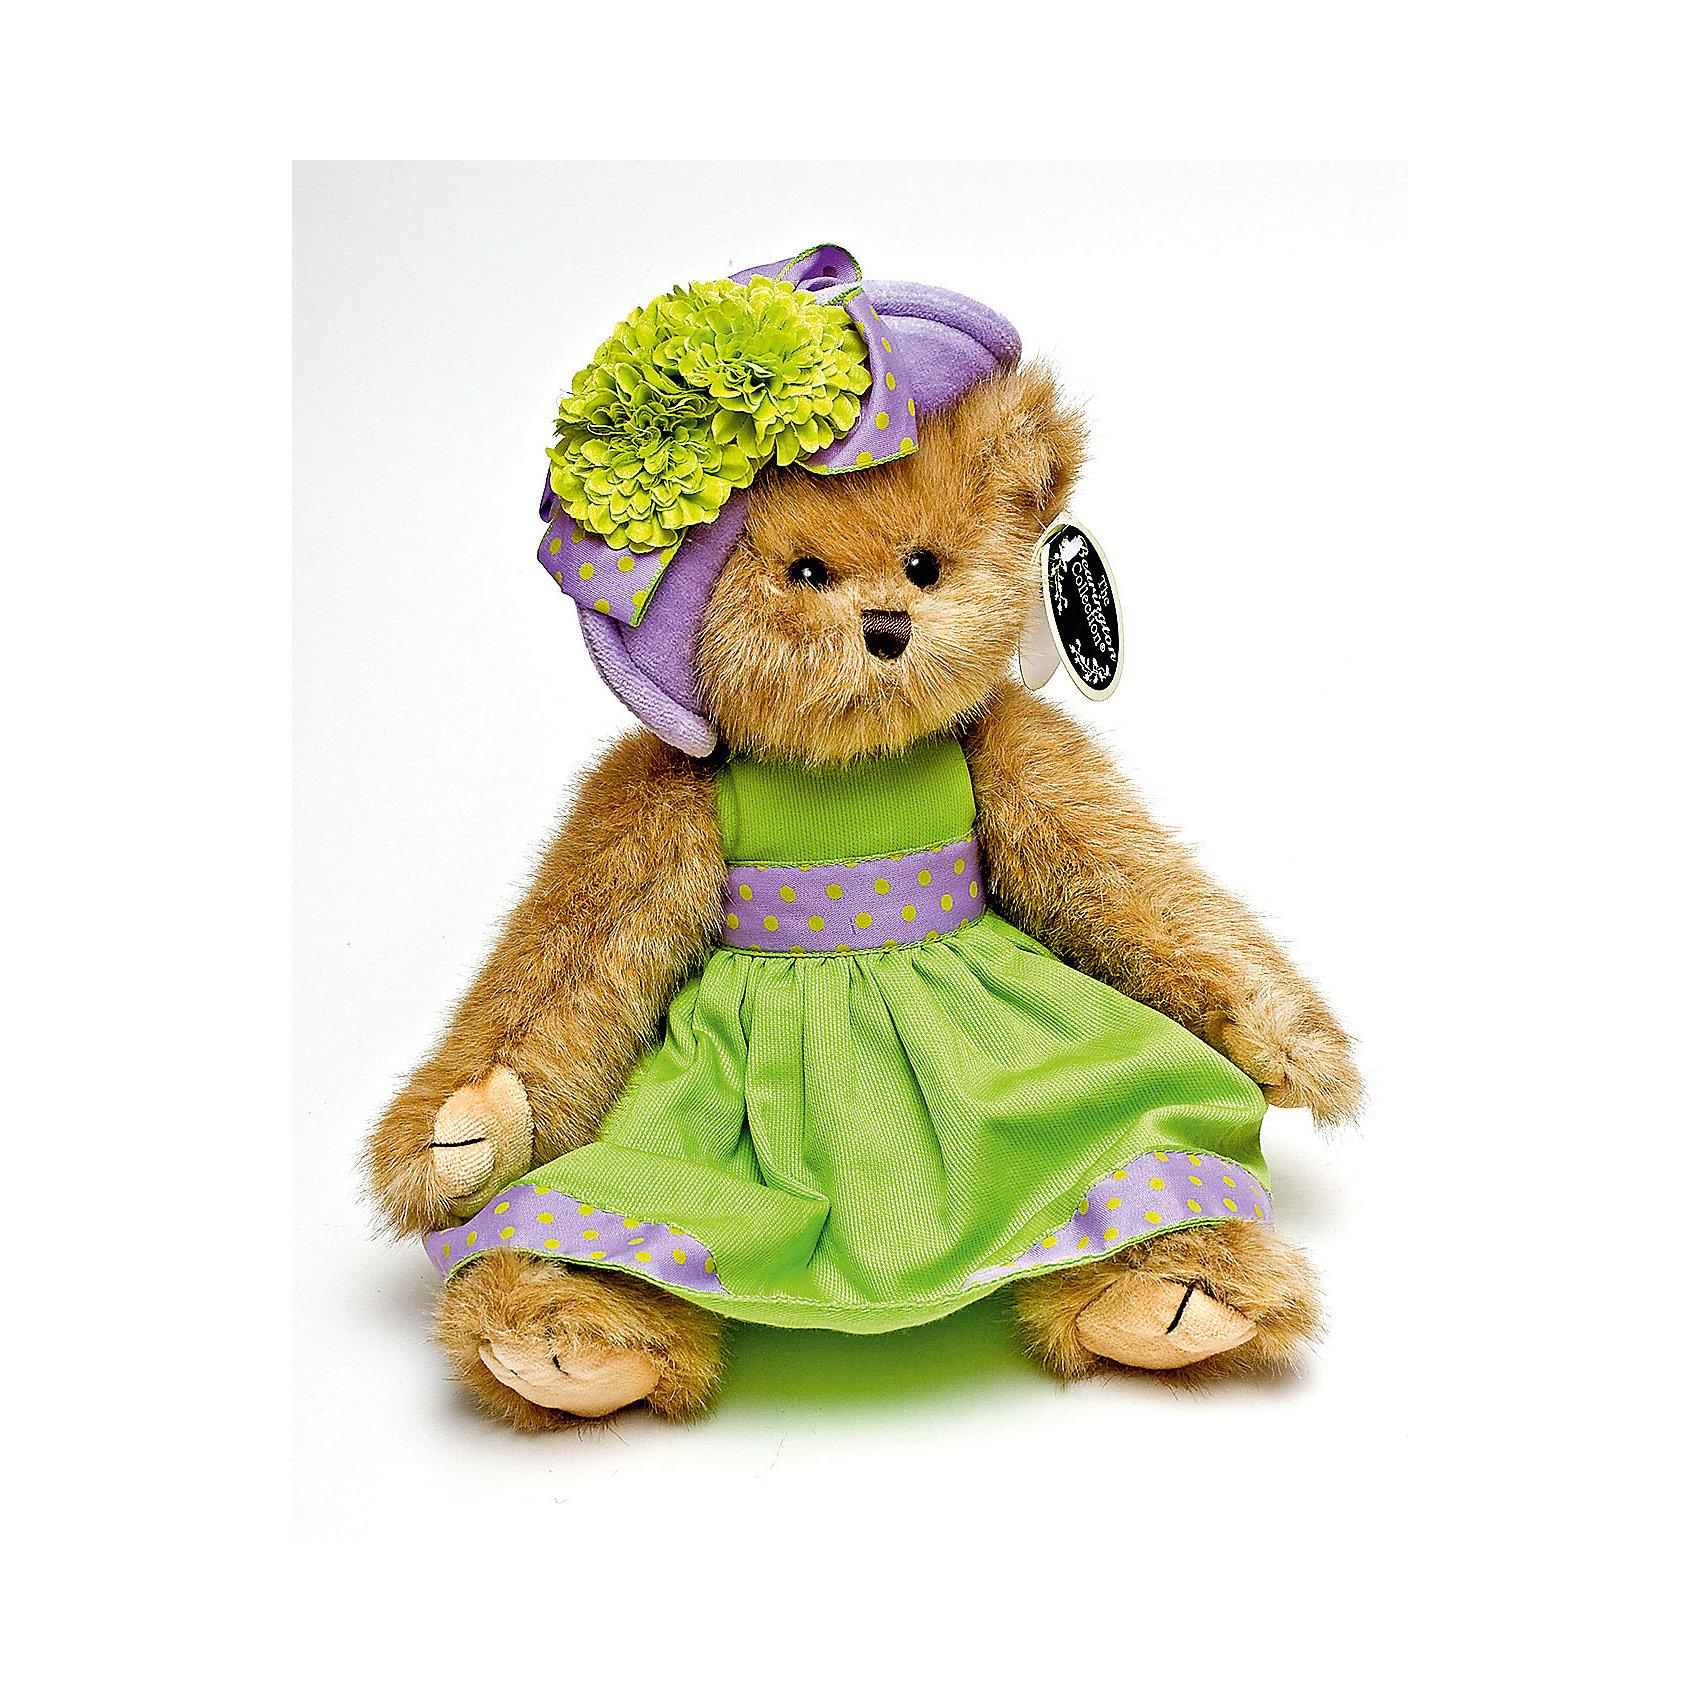 Мишка, 36 см, BearingtonМишка, 36 см, Bearington (Берингтон).<br><br>Характеристики:<br><br>- Высота игрушки: 36 см.<br>- Материал: искусственный мех, текстиль, набивка - полиэфирное волокно<br><br>Симпатичный мишка Тедди в салатовом платье с сиреневой окантовкой и сиреневой шляпке с цветком от американской компании Bearington (Берингтон) покорит Вас обаянием и красотой. Игрушка непременно вызовет положительные эмоции и подарит Вам свою любовь и тепло. У мишки очаровательная мордочка, забавный носик и черные как угольки глазки. Игрушка изготовлена из нежного высококачественного искусственного меха по классическим традициям производства мишек Тедди. Лапки игрушки крепятся таким образом, что их можно вращать по отношению к туловищу на 360 градусов, и придавать мишке разнообразные позы. Голова вращается. Чудесное платье и шляпка сшиты из высококачественных экологически чистых материалов. Крой и отделка наряда созданы с любовью, что придает игрушке особый шарм. Платье и шляпку можно снимать и одевать. Играть с мишкой Тедди от Беарингтон также интересно, как и с куклами. Благодаря чудесному образу и высококачественному исполнению мишка станет лучшим подарком для девочек и девушек с утонченным изысканным вкусом и для коллекционеров мишек Тедди.<br><br>Мишку, 36 см, Bearington (Берингтон) можно купить в нашем интернет-магазине.<br><br>Ширина мм: 9999<br>Глубина мм: 9999<br>Высота мм: 9999<br>Вес г: 270<br>Возраст от месяцев: 36<br>Возраст до месяцев: 2147483647<br>Пол: Женский<br>Возраст: Детский<br>SKU: 5119966